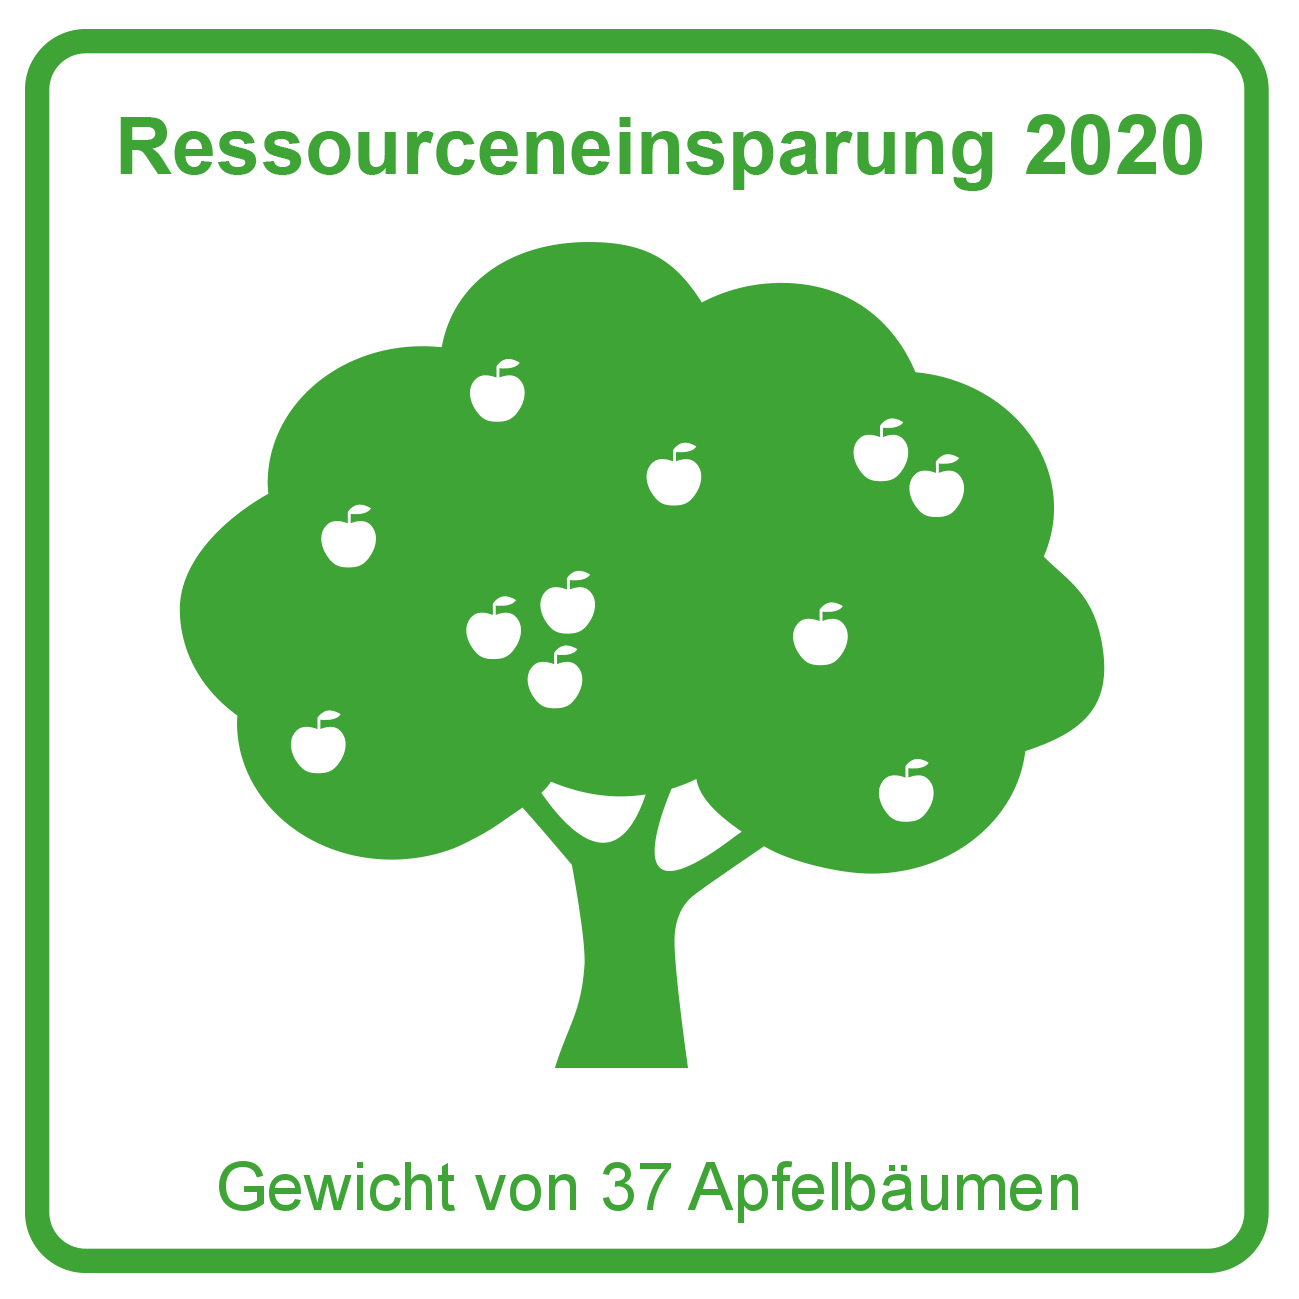 2020_apfelbaeume